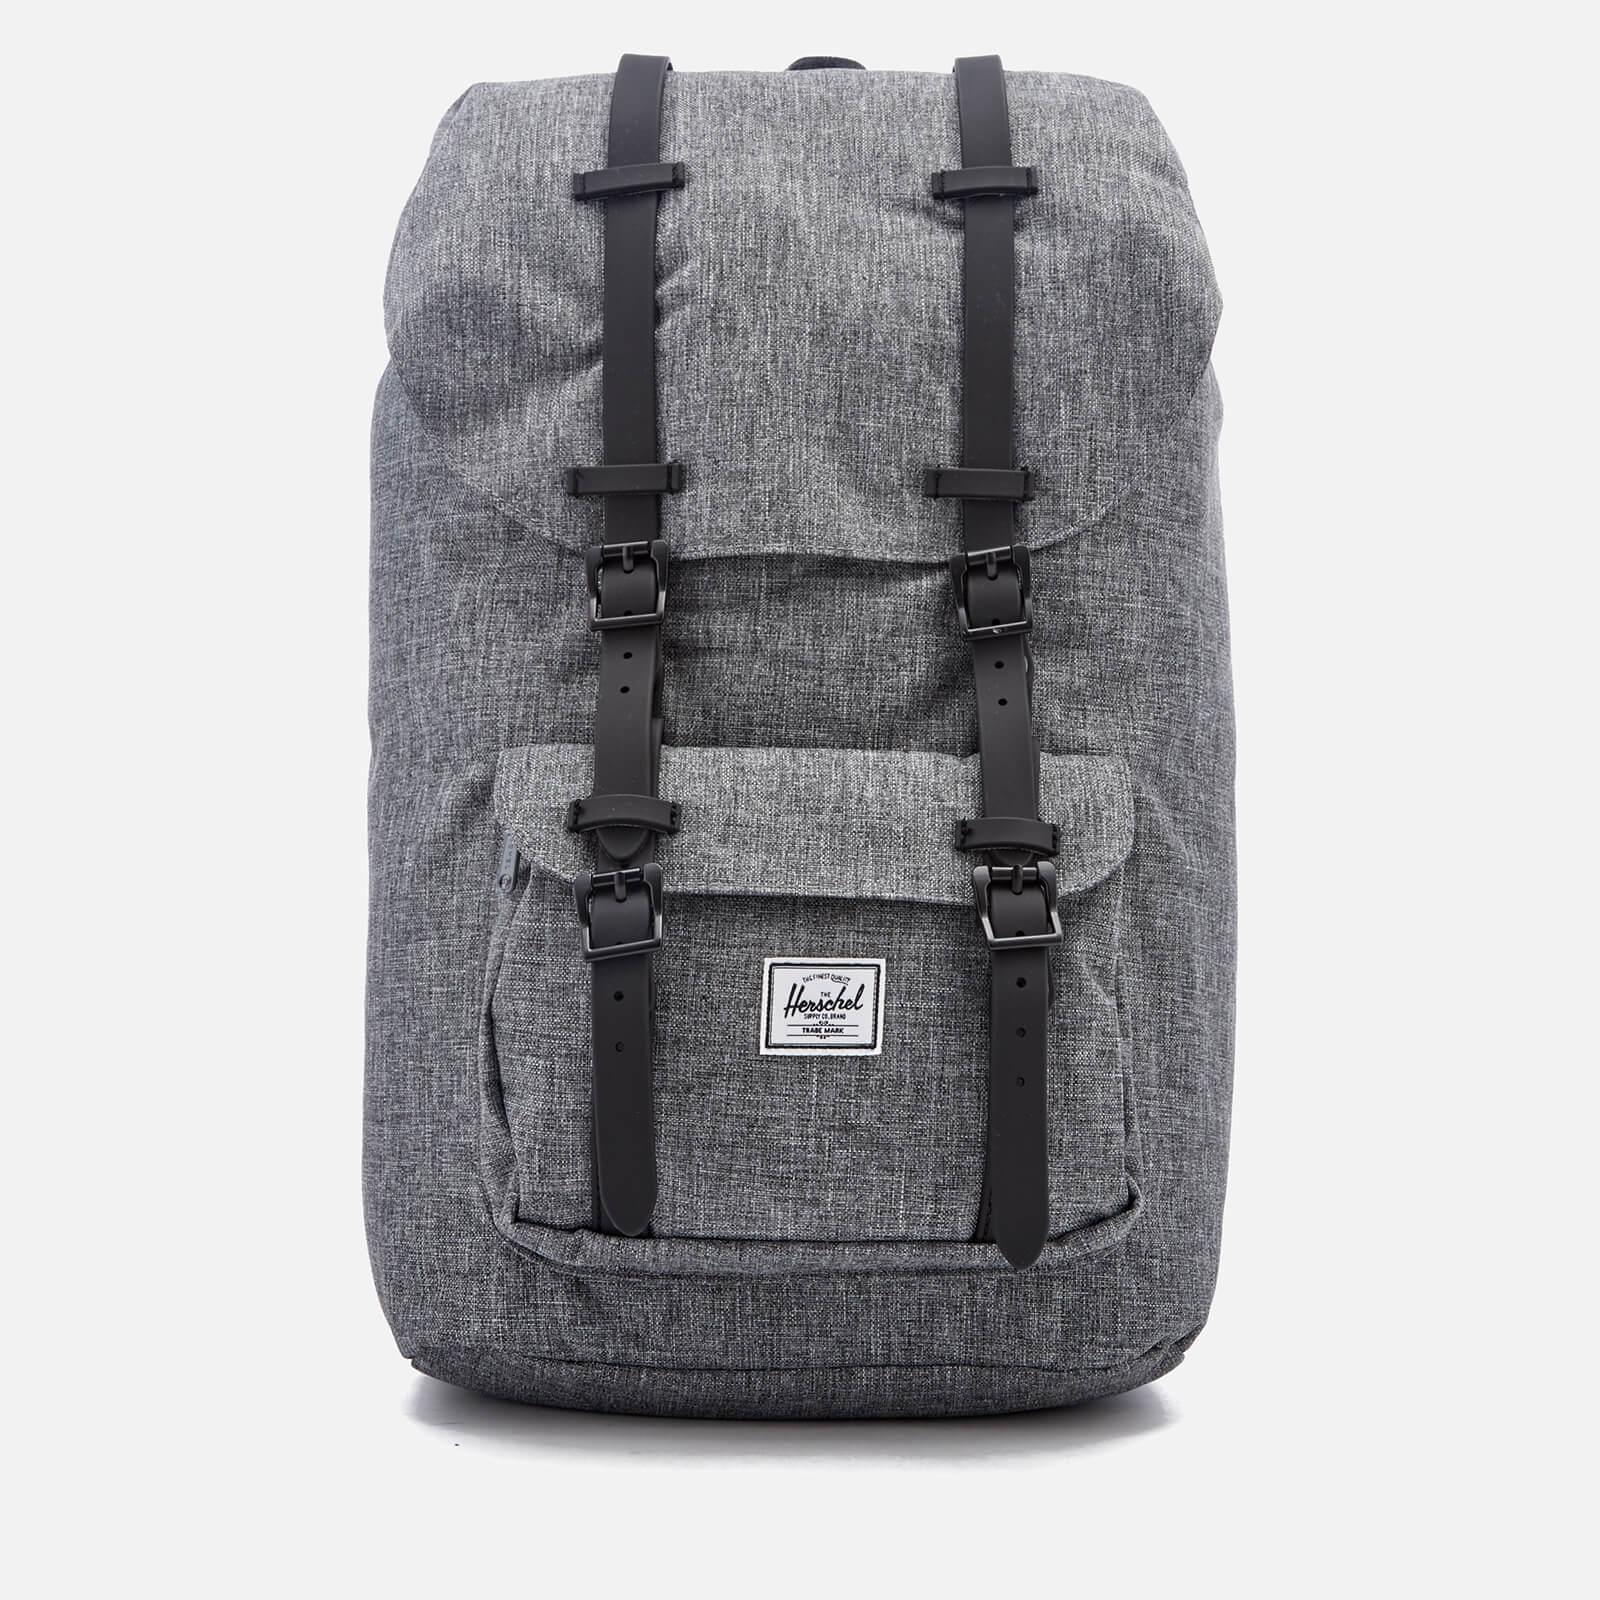 24df187591 Men s Little America Backpack - Raven Crosshatch Black Rubber - Free UK  Delivery over £50